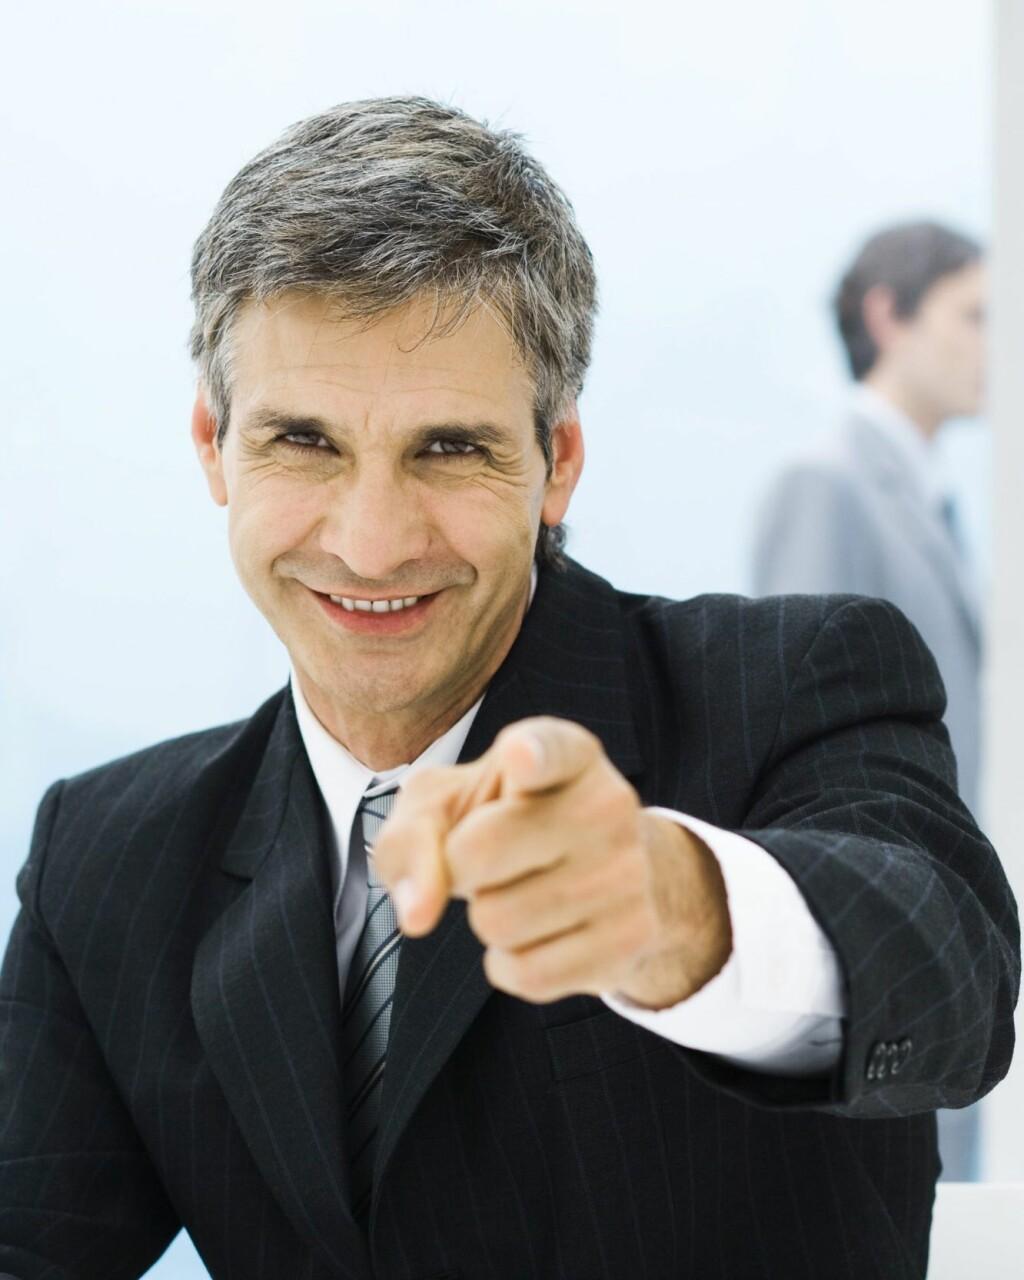 Avslør om din nye sjef er et fjols - før du takker ja til jobben. Illustrasjonsfoto: Colourbox.no. Foto: 6PA/MAXPPP